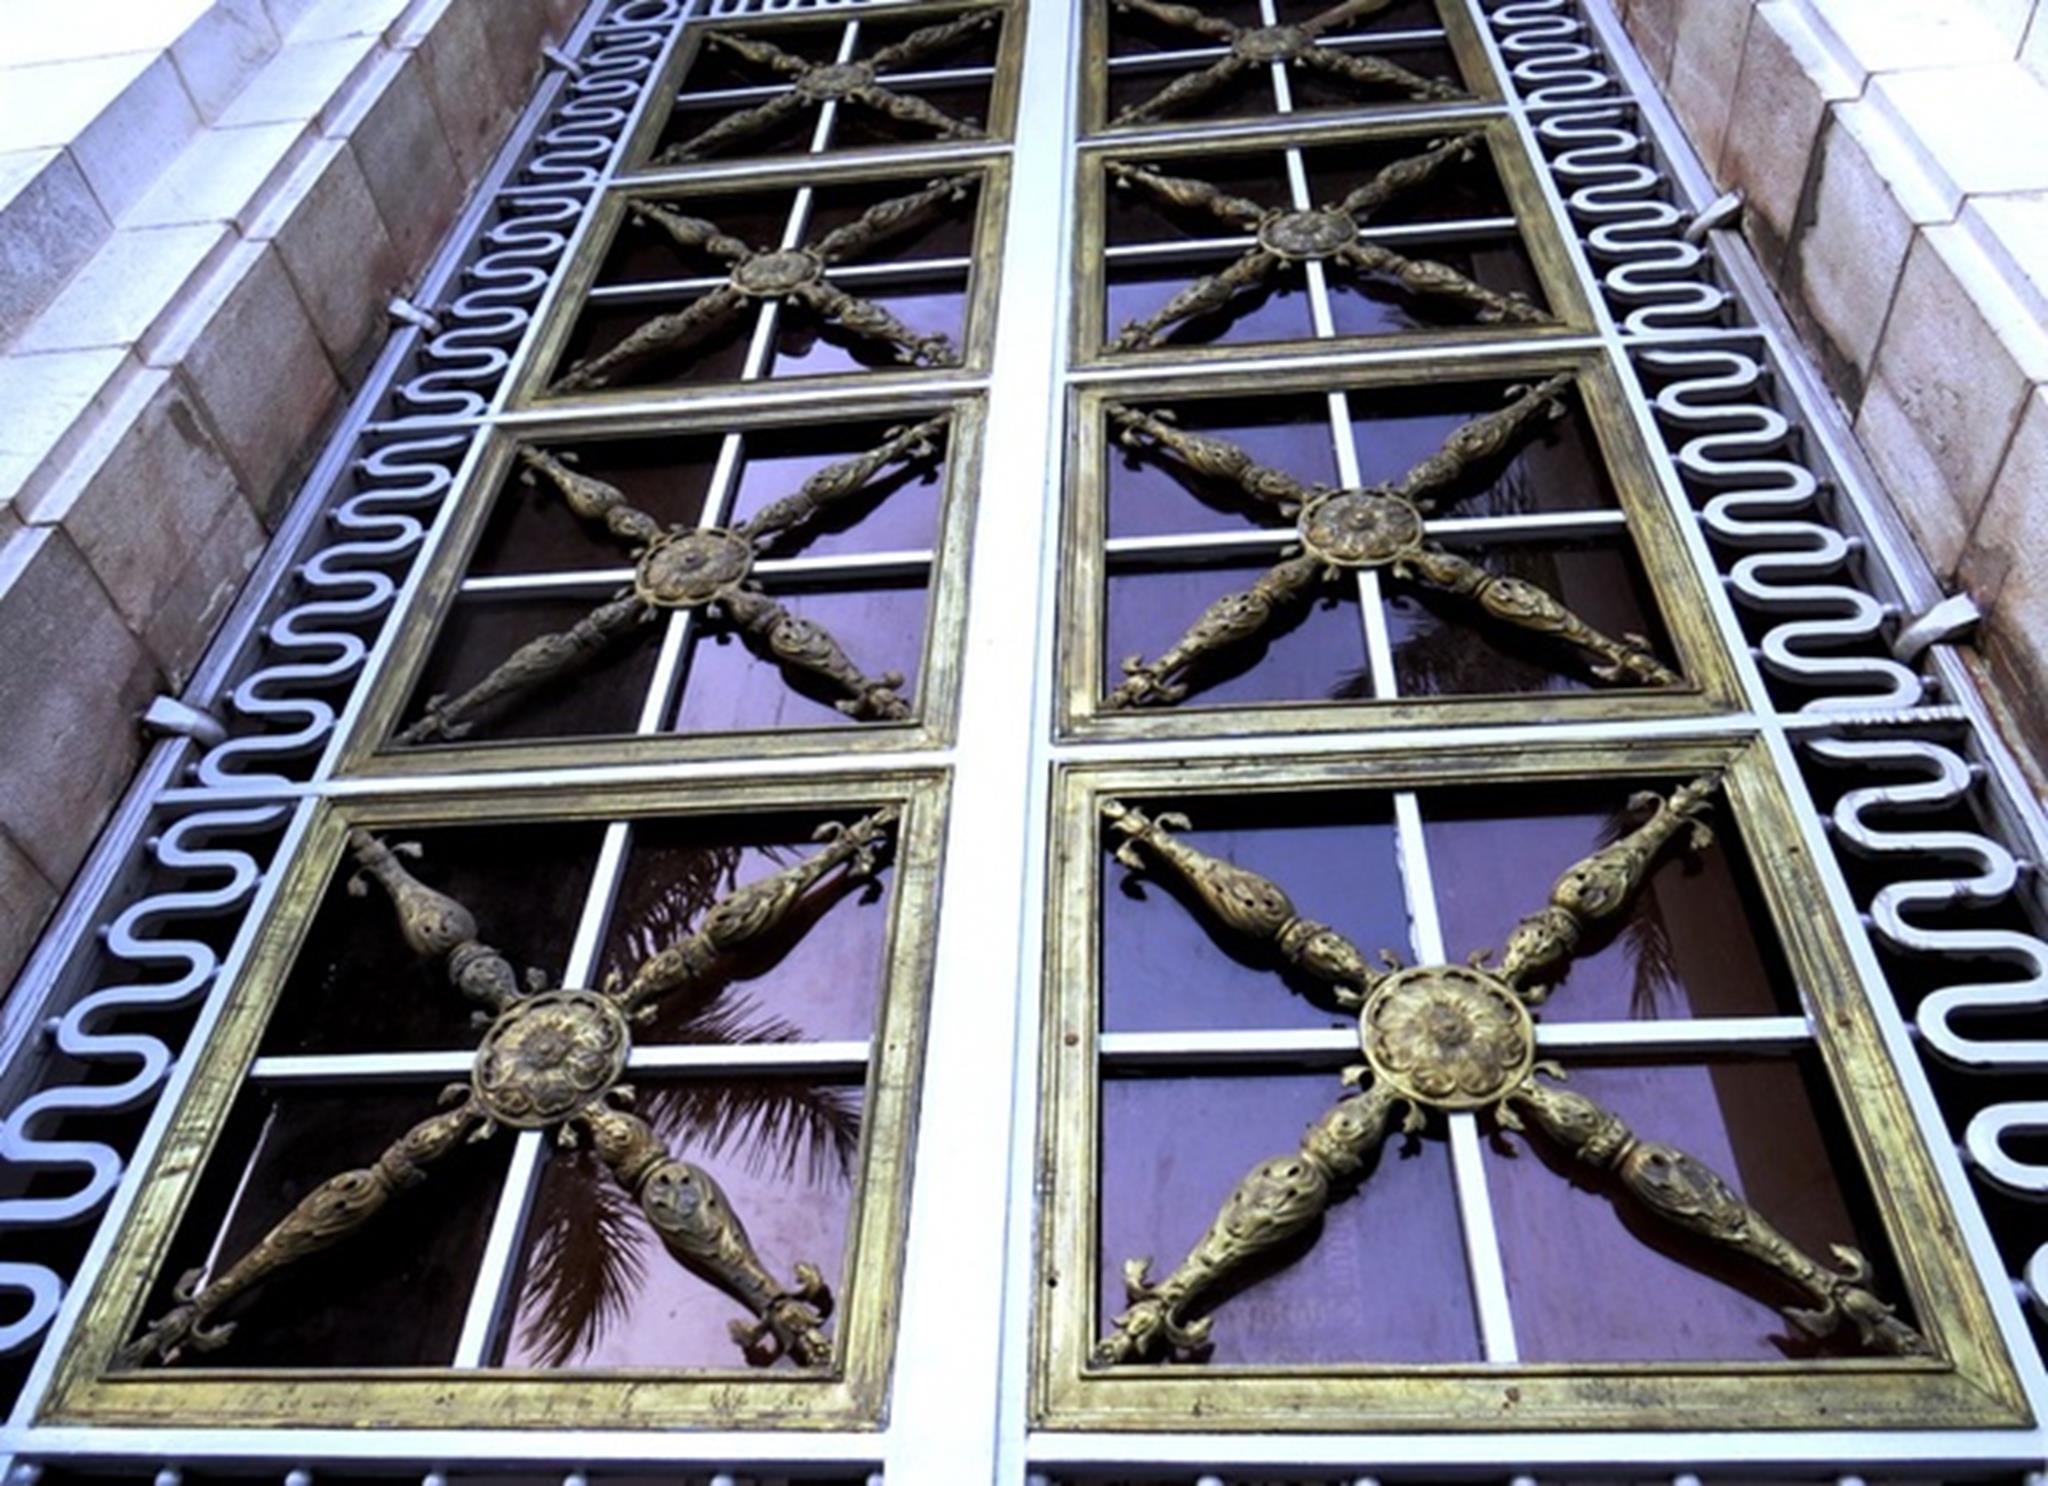 Những bộ cửa đại tại tiền sảnh cao khoảng 4 m, khung được làm bằng sắt vuông đặc, bên trong là các song chắn cách điệu được đúc bằng đồng.